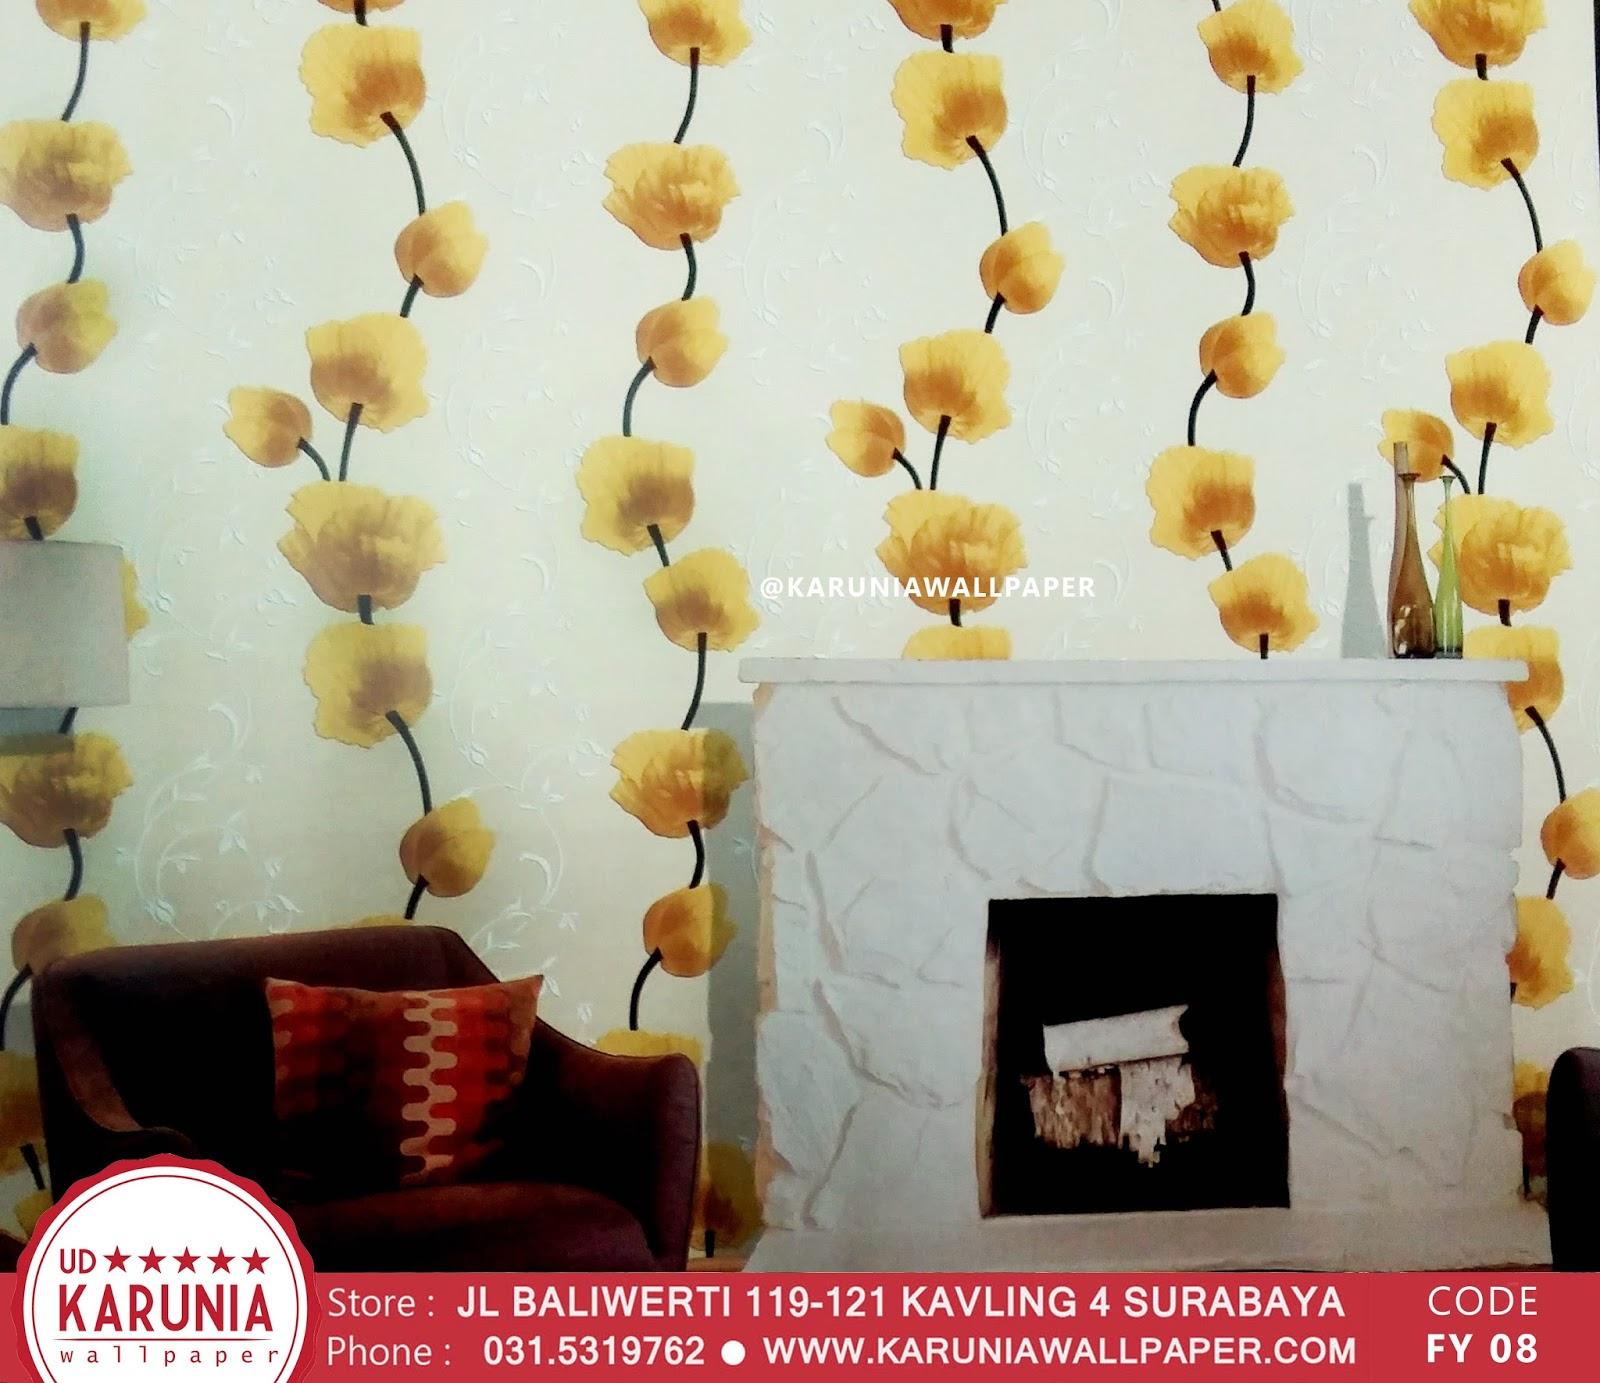 toko jual wallpaper